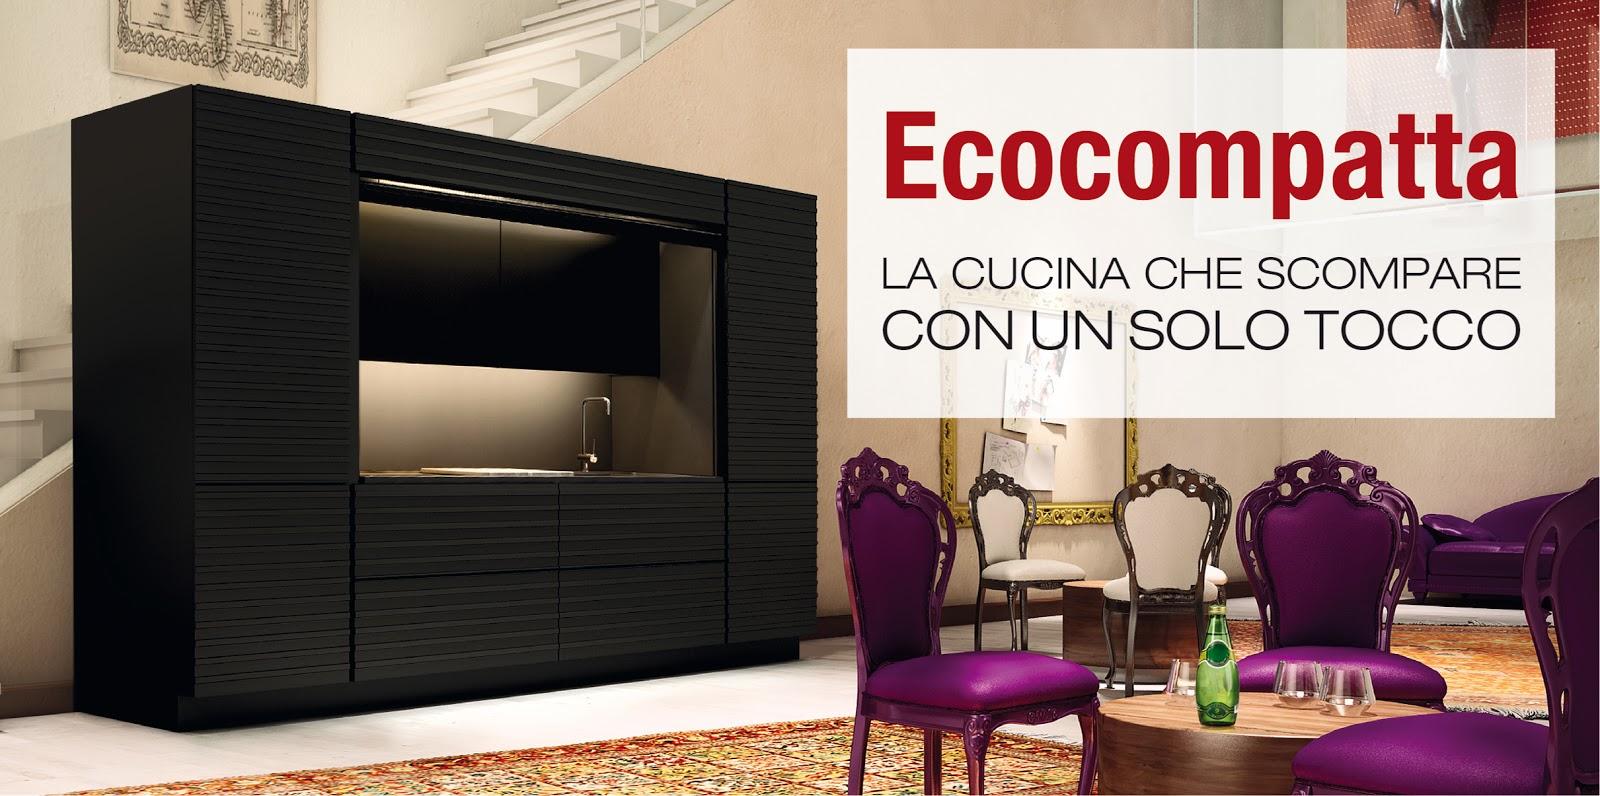 Ecocompatta Veneta Cucine Prezzo.Veneta Cucine Milano Lissone Piano In Quarzo Al Prezzo